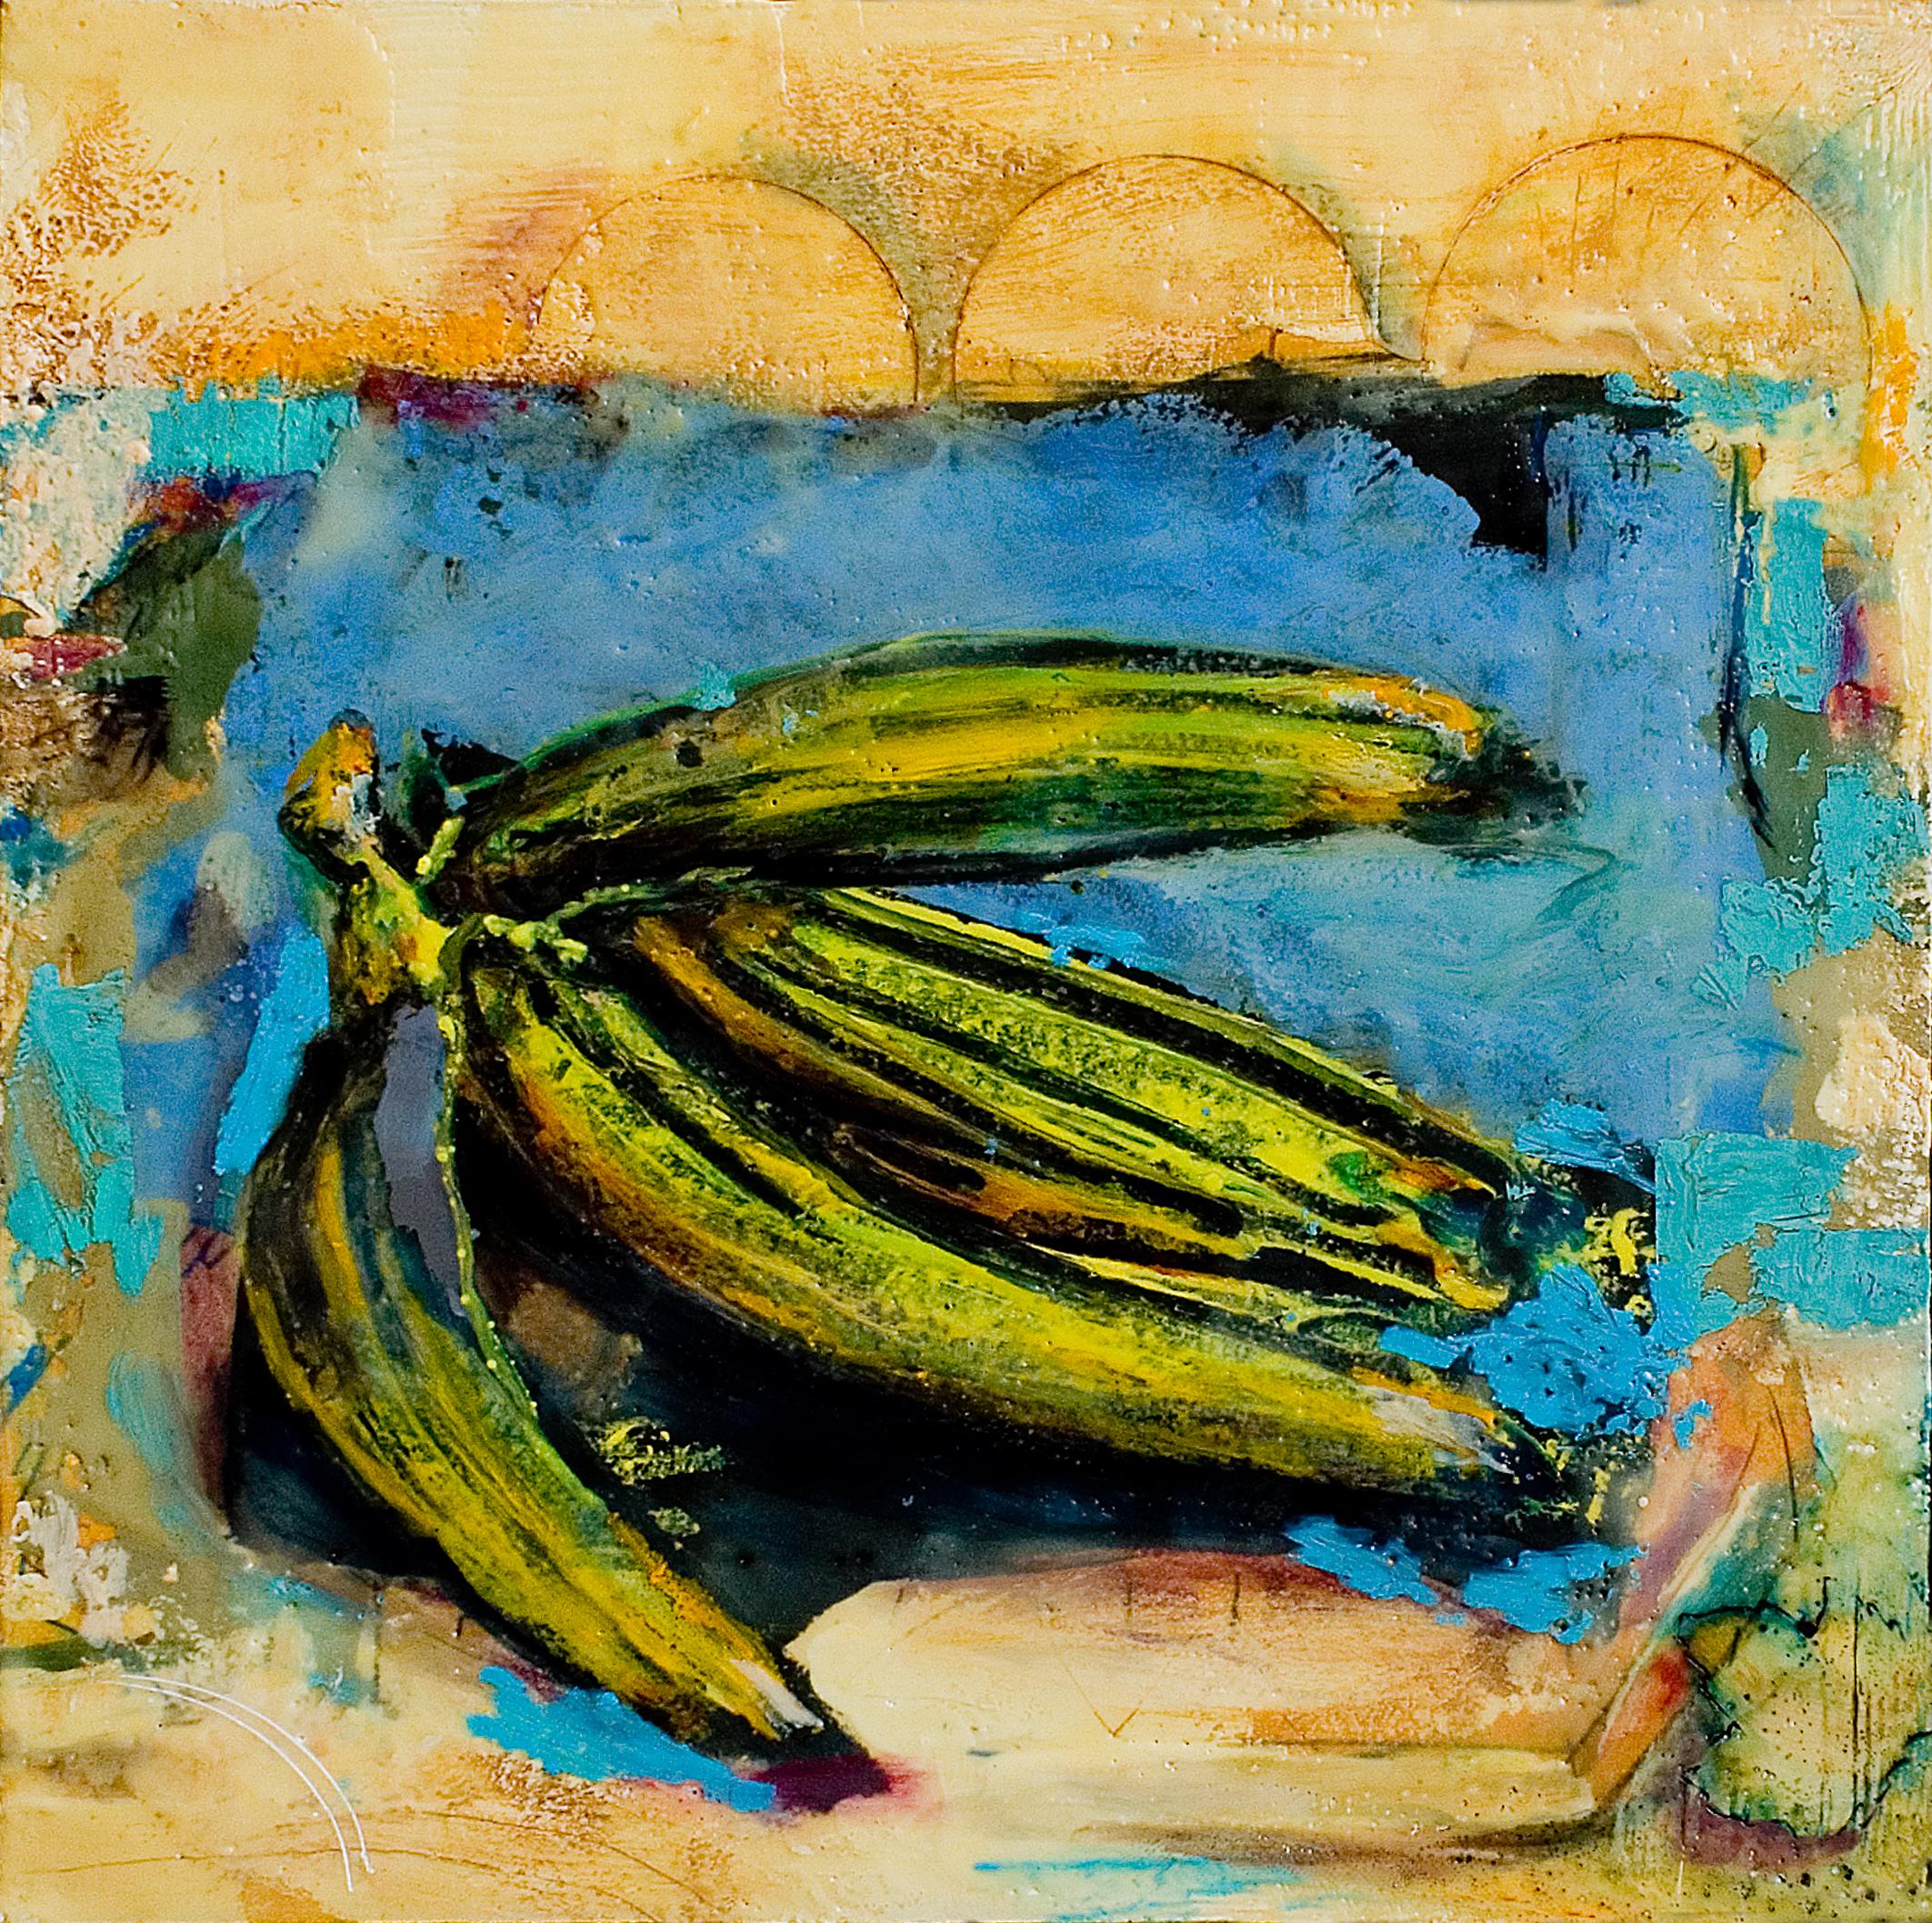 Transferred Bananas